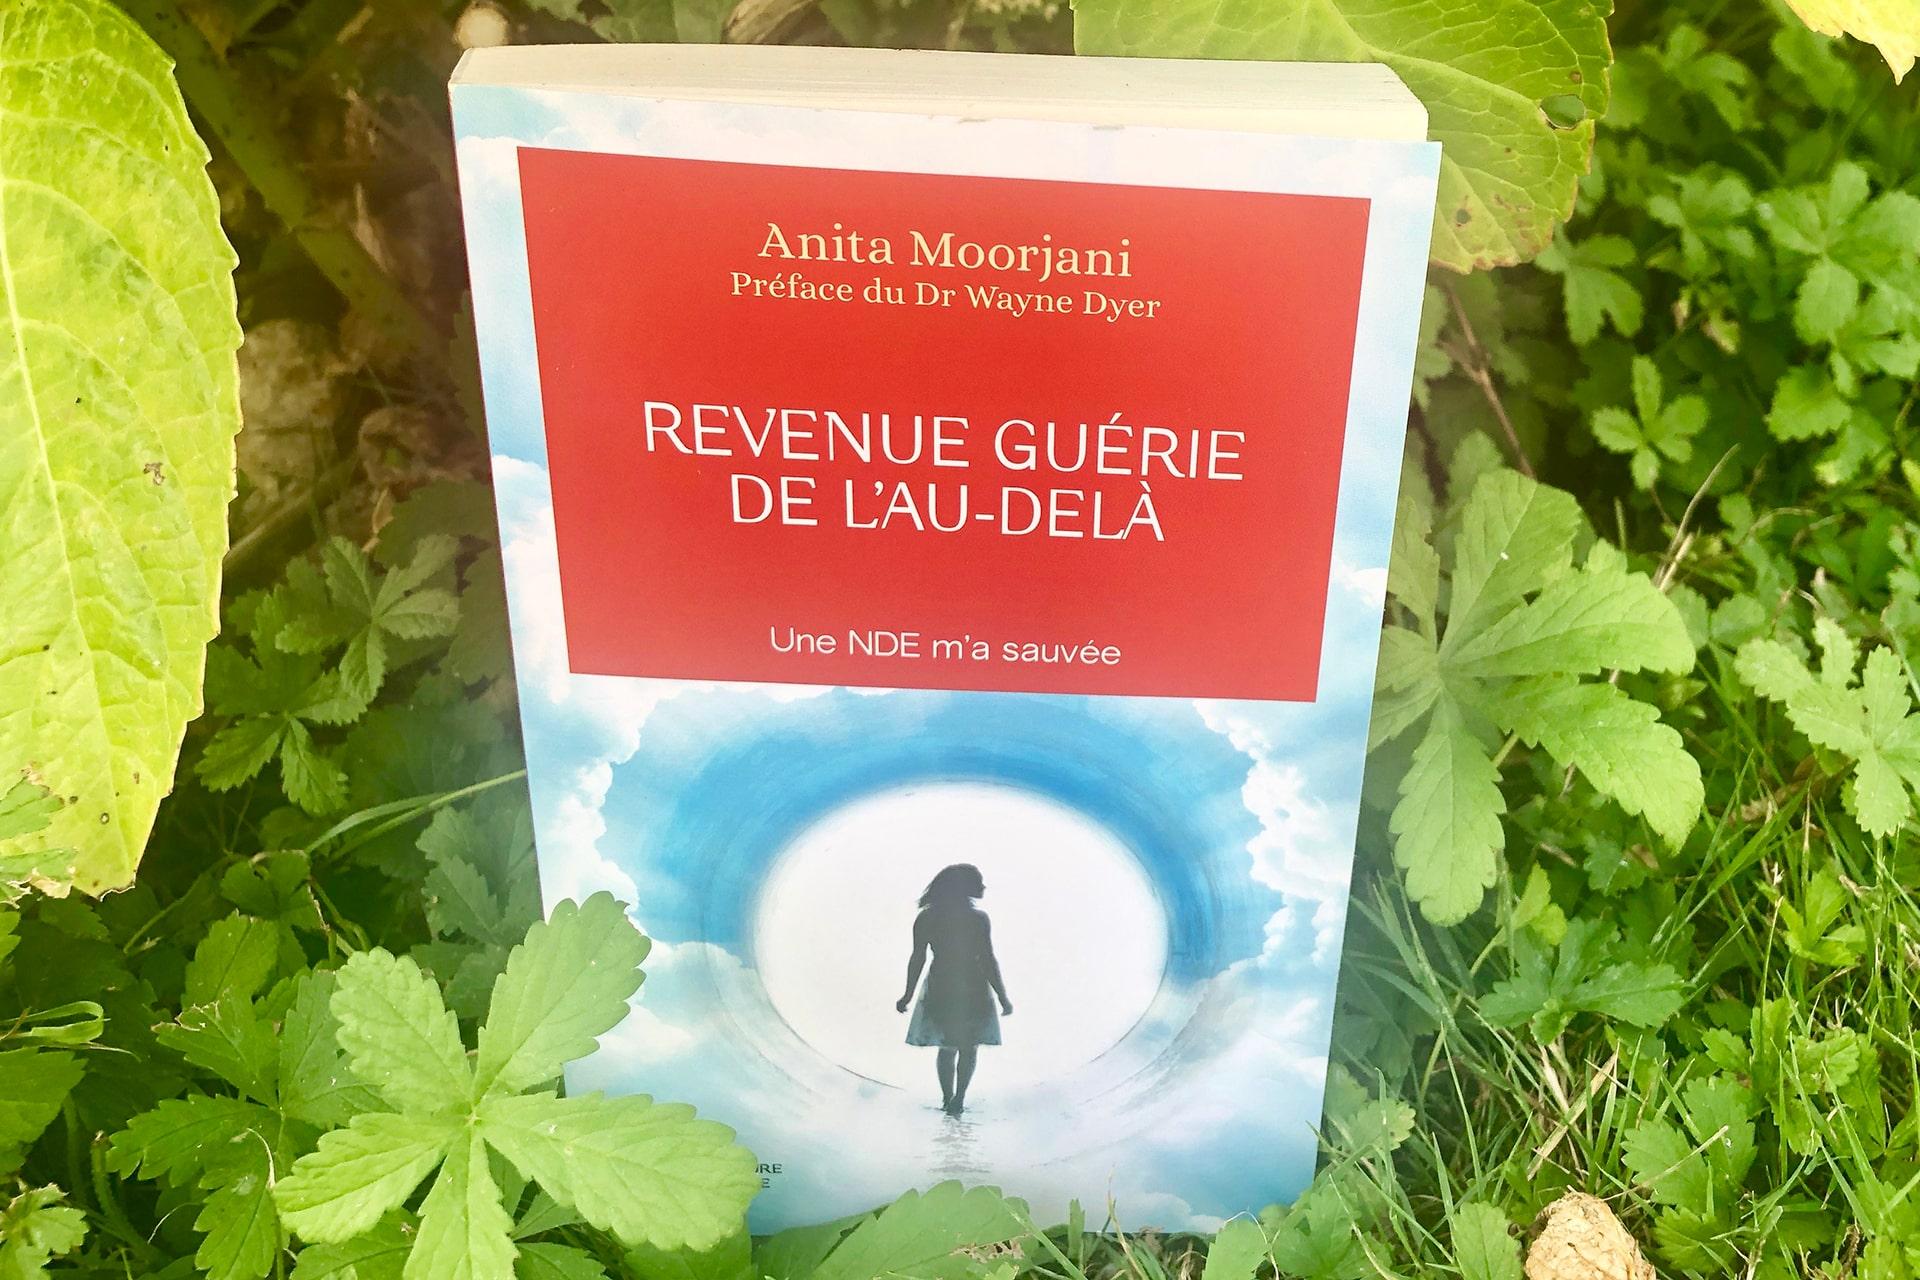 Institut Aurovida - Blog - Revenue guérie de l'au-delà - Anita Moojani